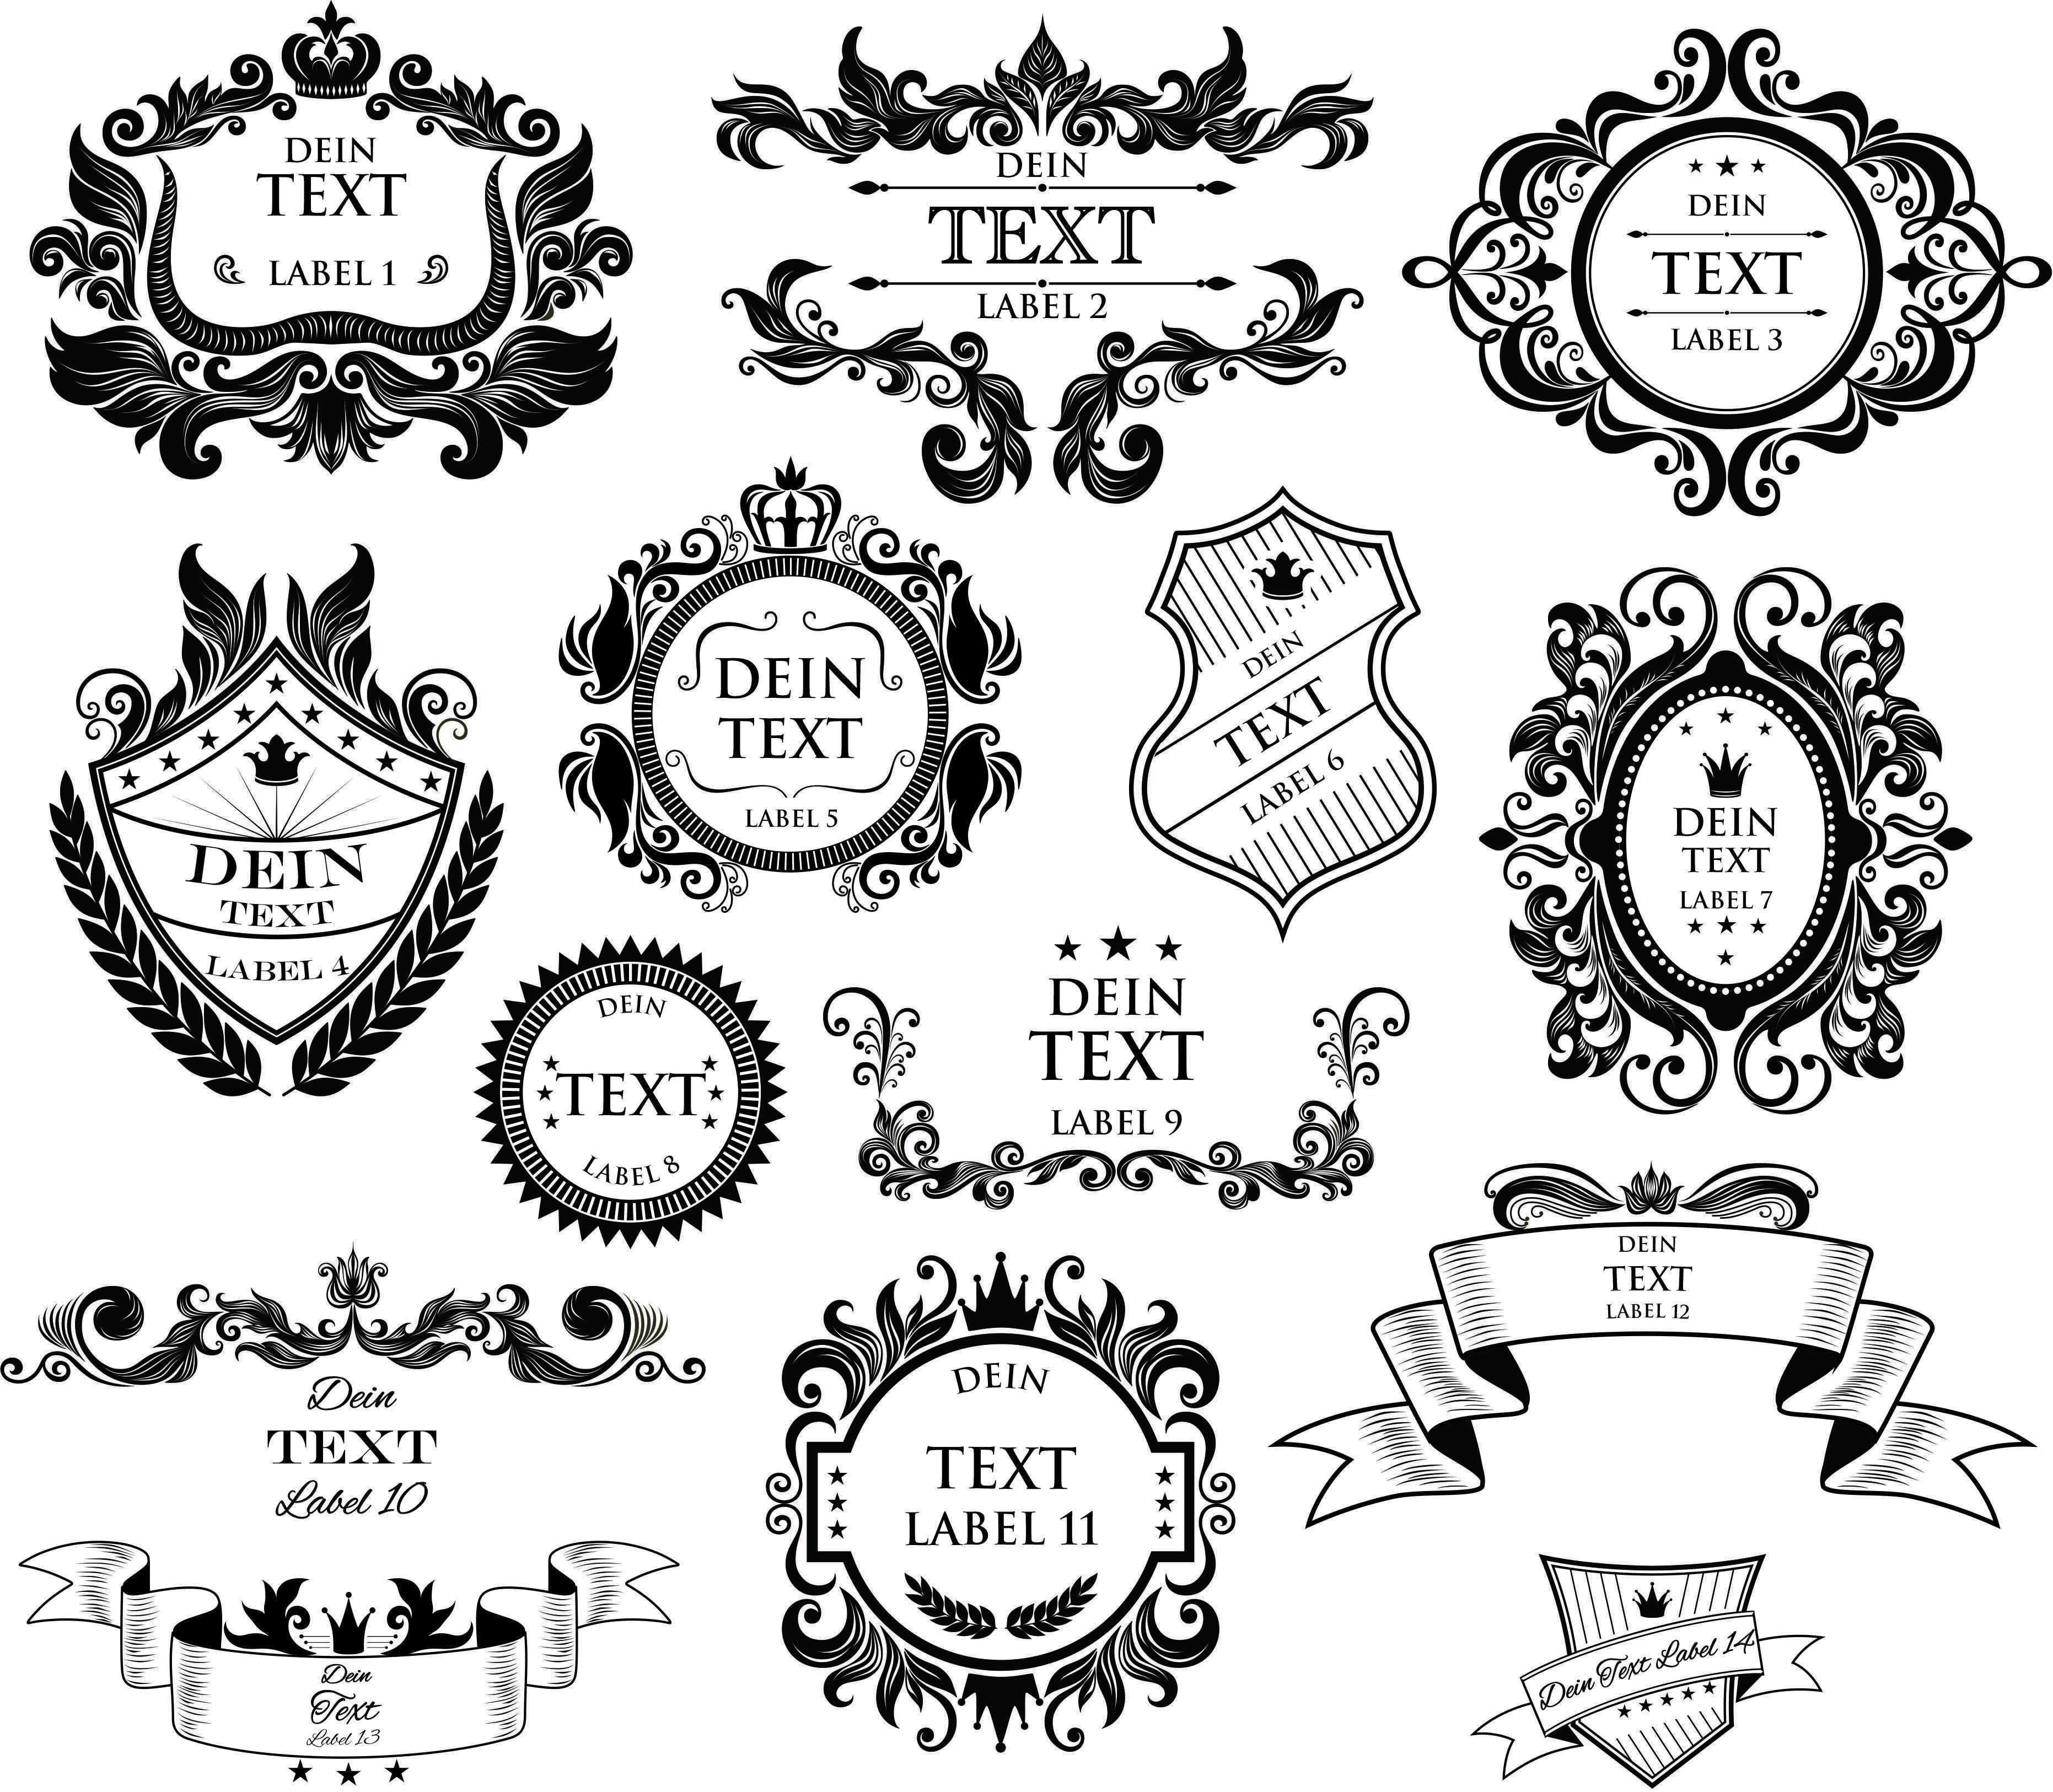 Whisky Labels Gravurvorlagen 1 Glaser Mit Gravur Gravur Geschenke Fur Manner